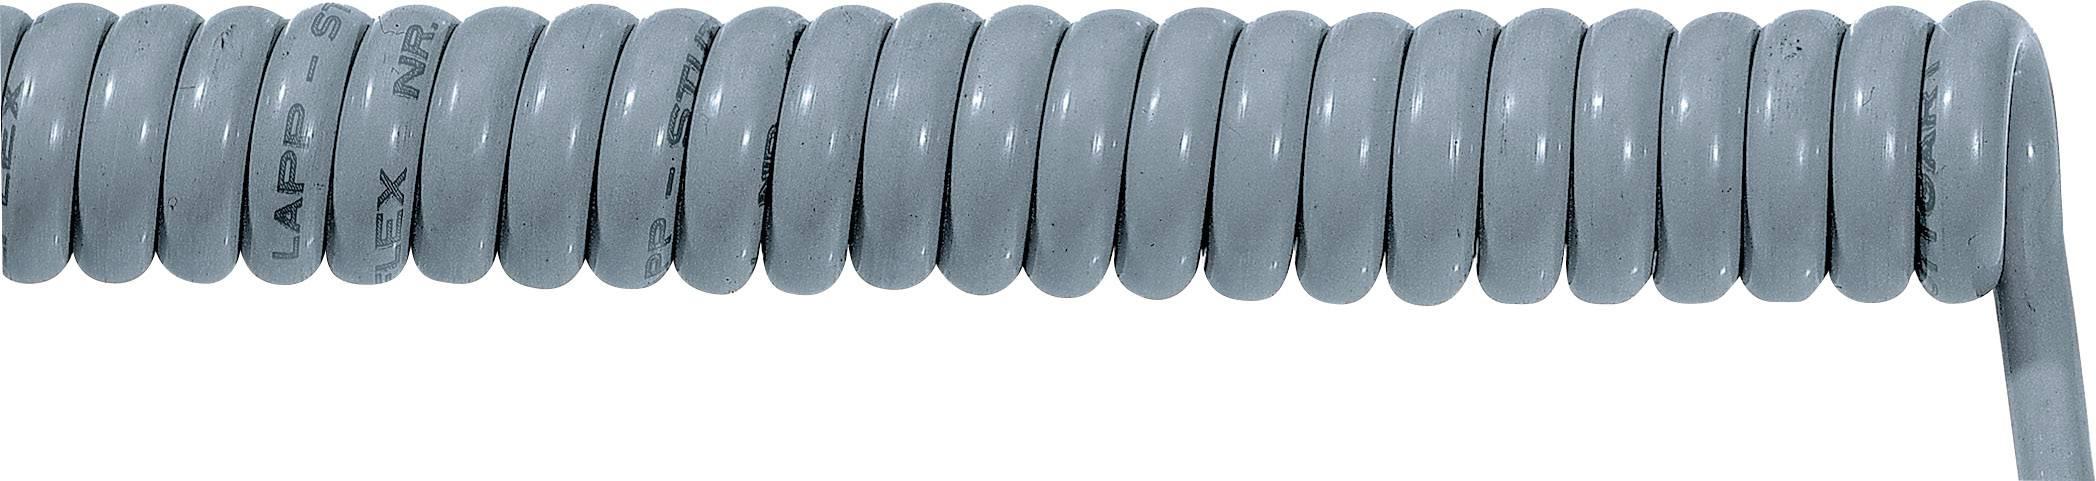 Špirálový kábel 70002651 ÖLFLEX® SPIRAL 400 P 3 x 1 mm², 500 mm / 1500 mm, sivá